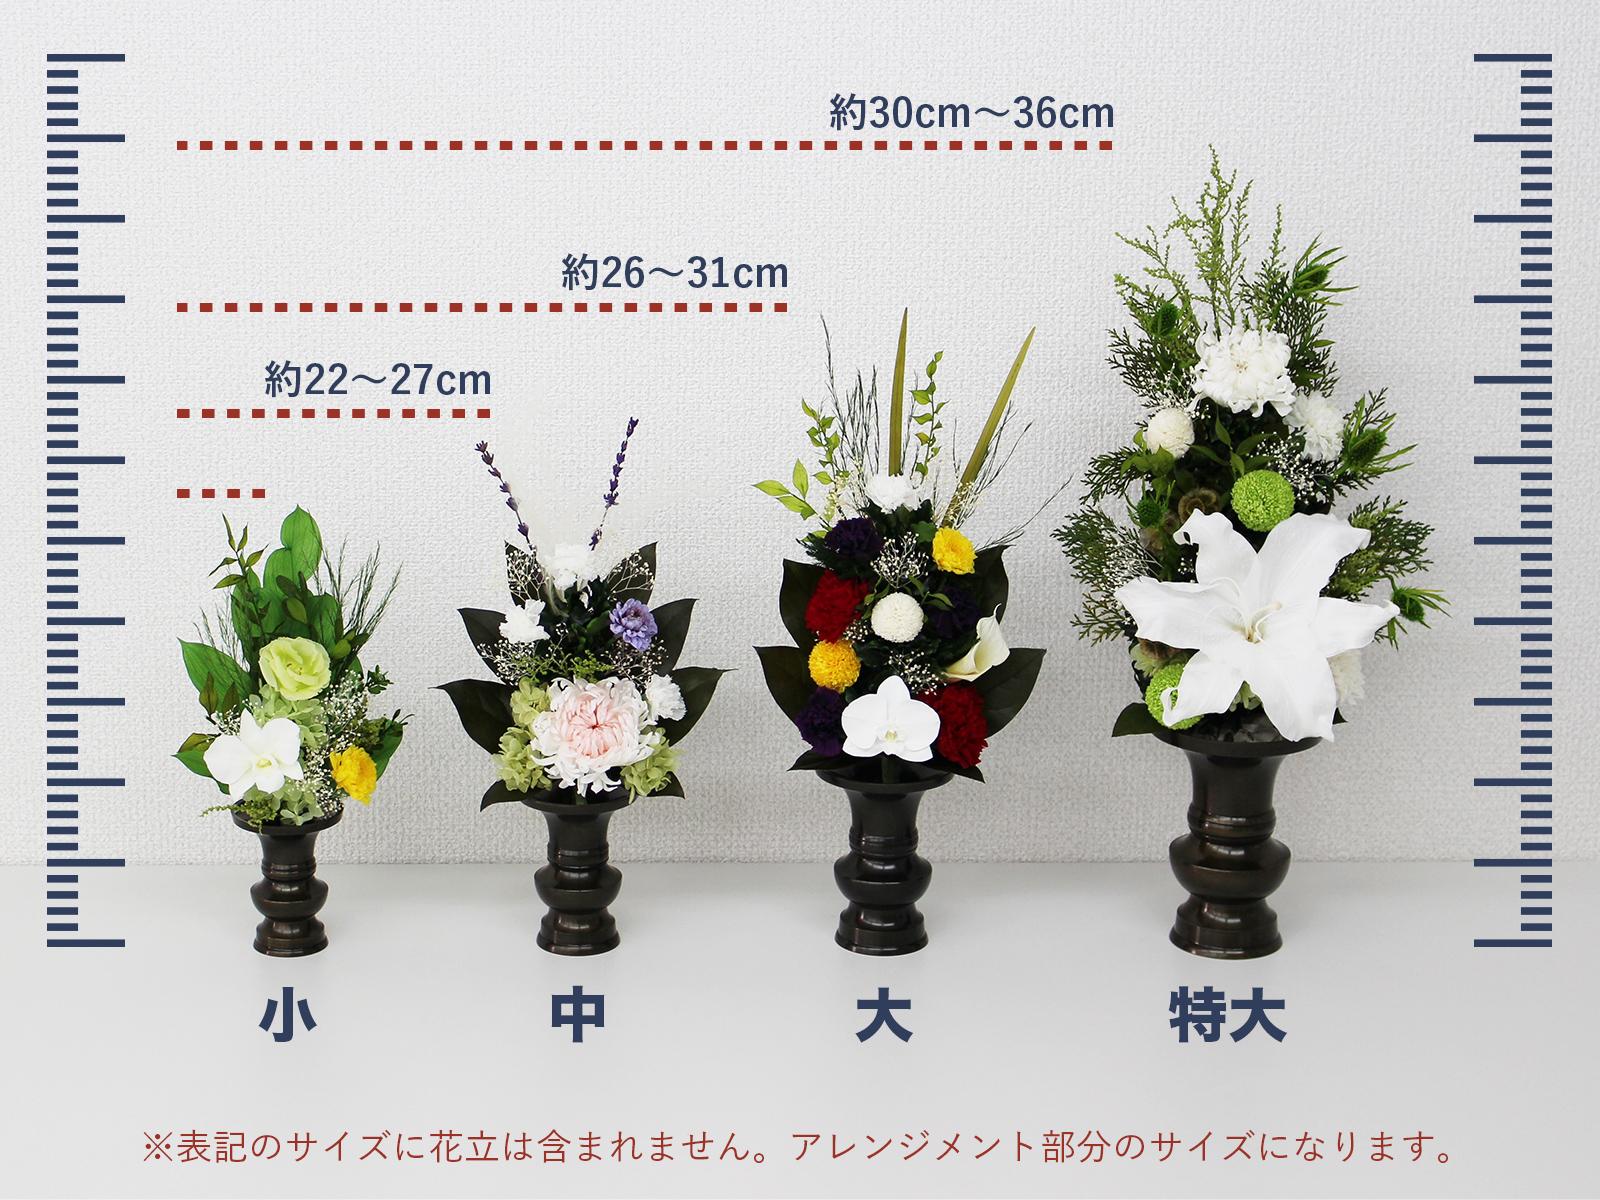 永咲花のプリザーブド仏花は小・中・大・特大の4サイズ展開です。